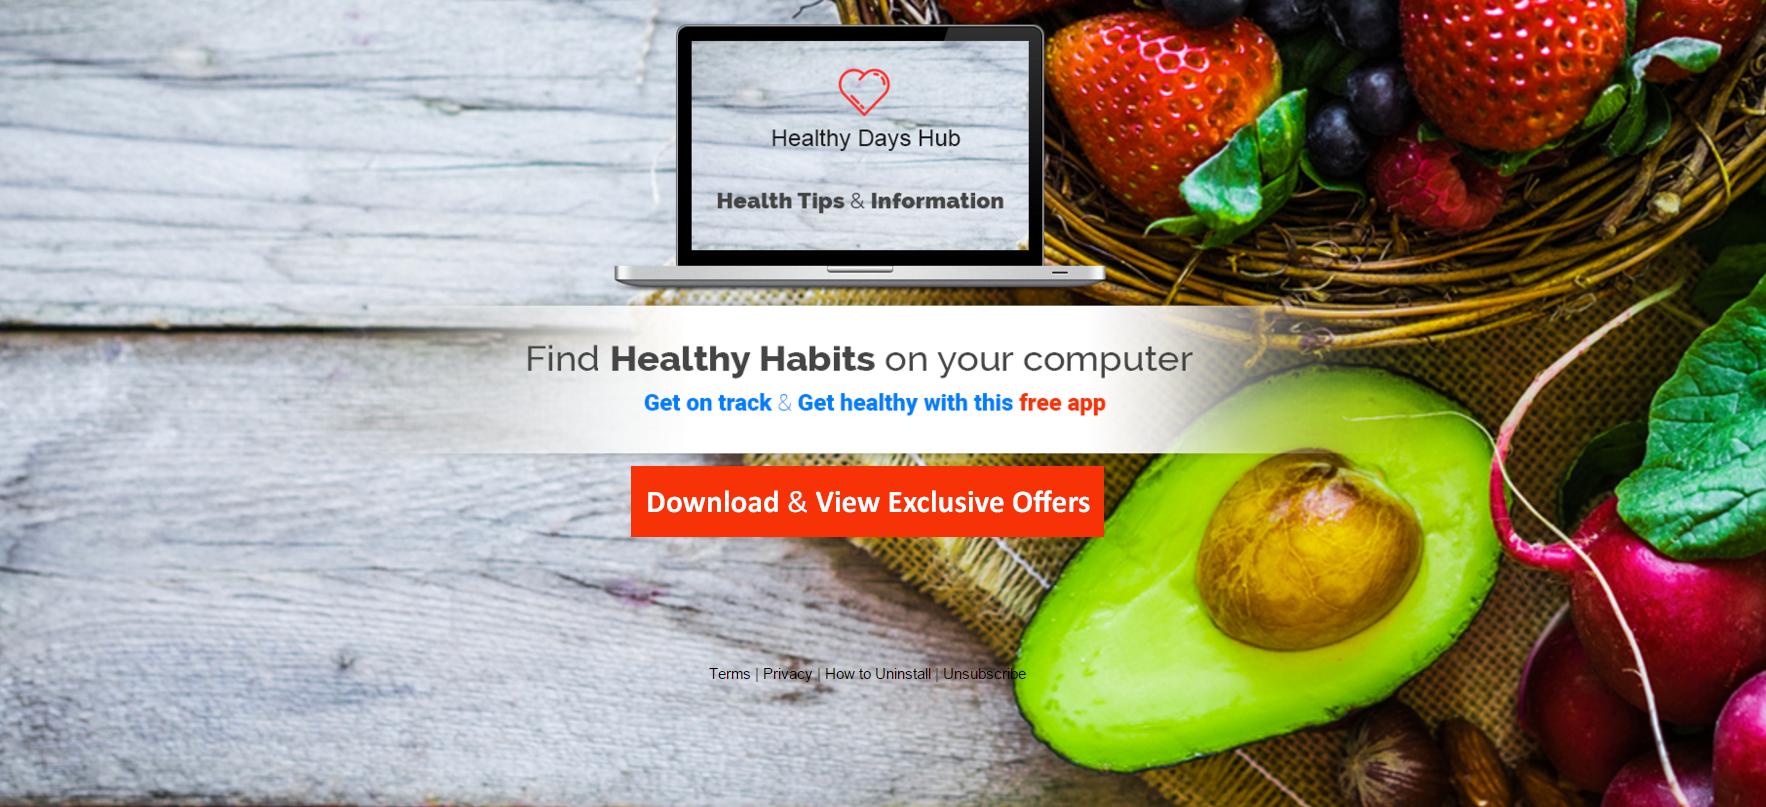 Healthy Days Hub Ads